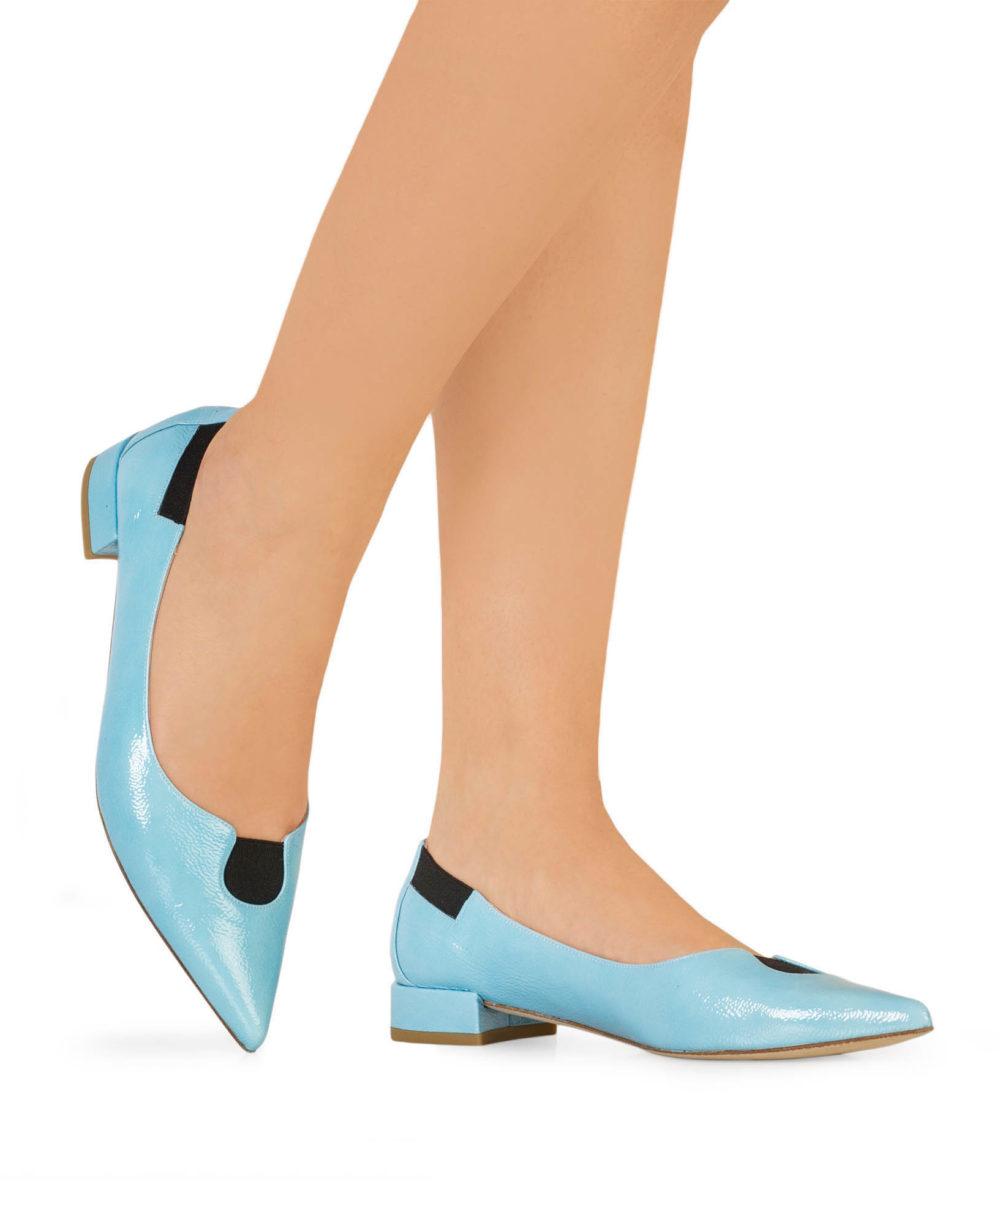 Zapatos de Piel Paco Gil - P-3902 Sky Duma Piernas